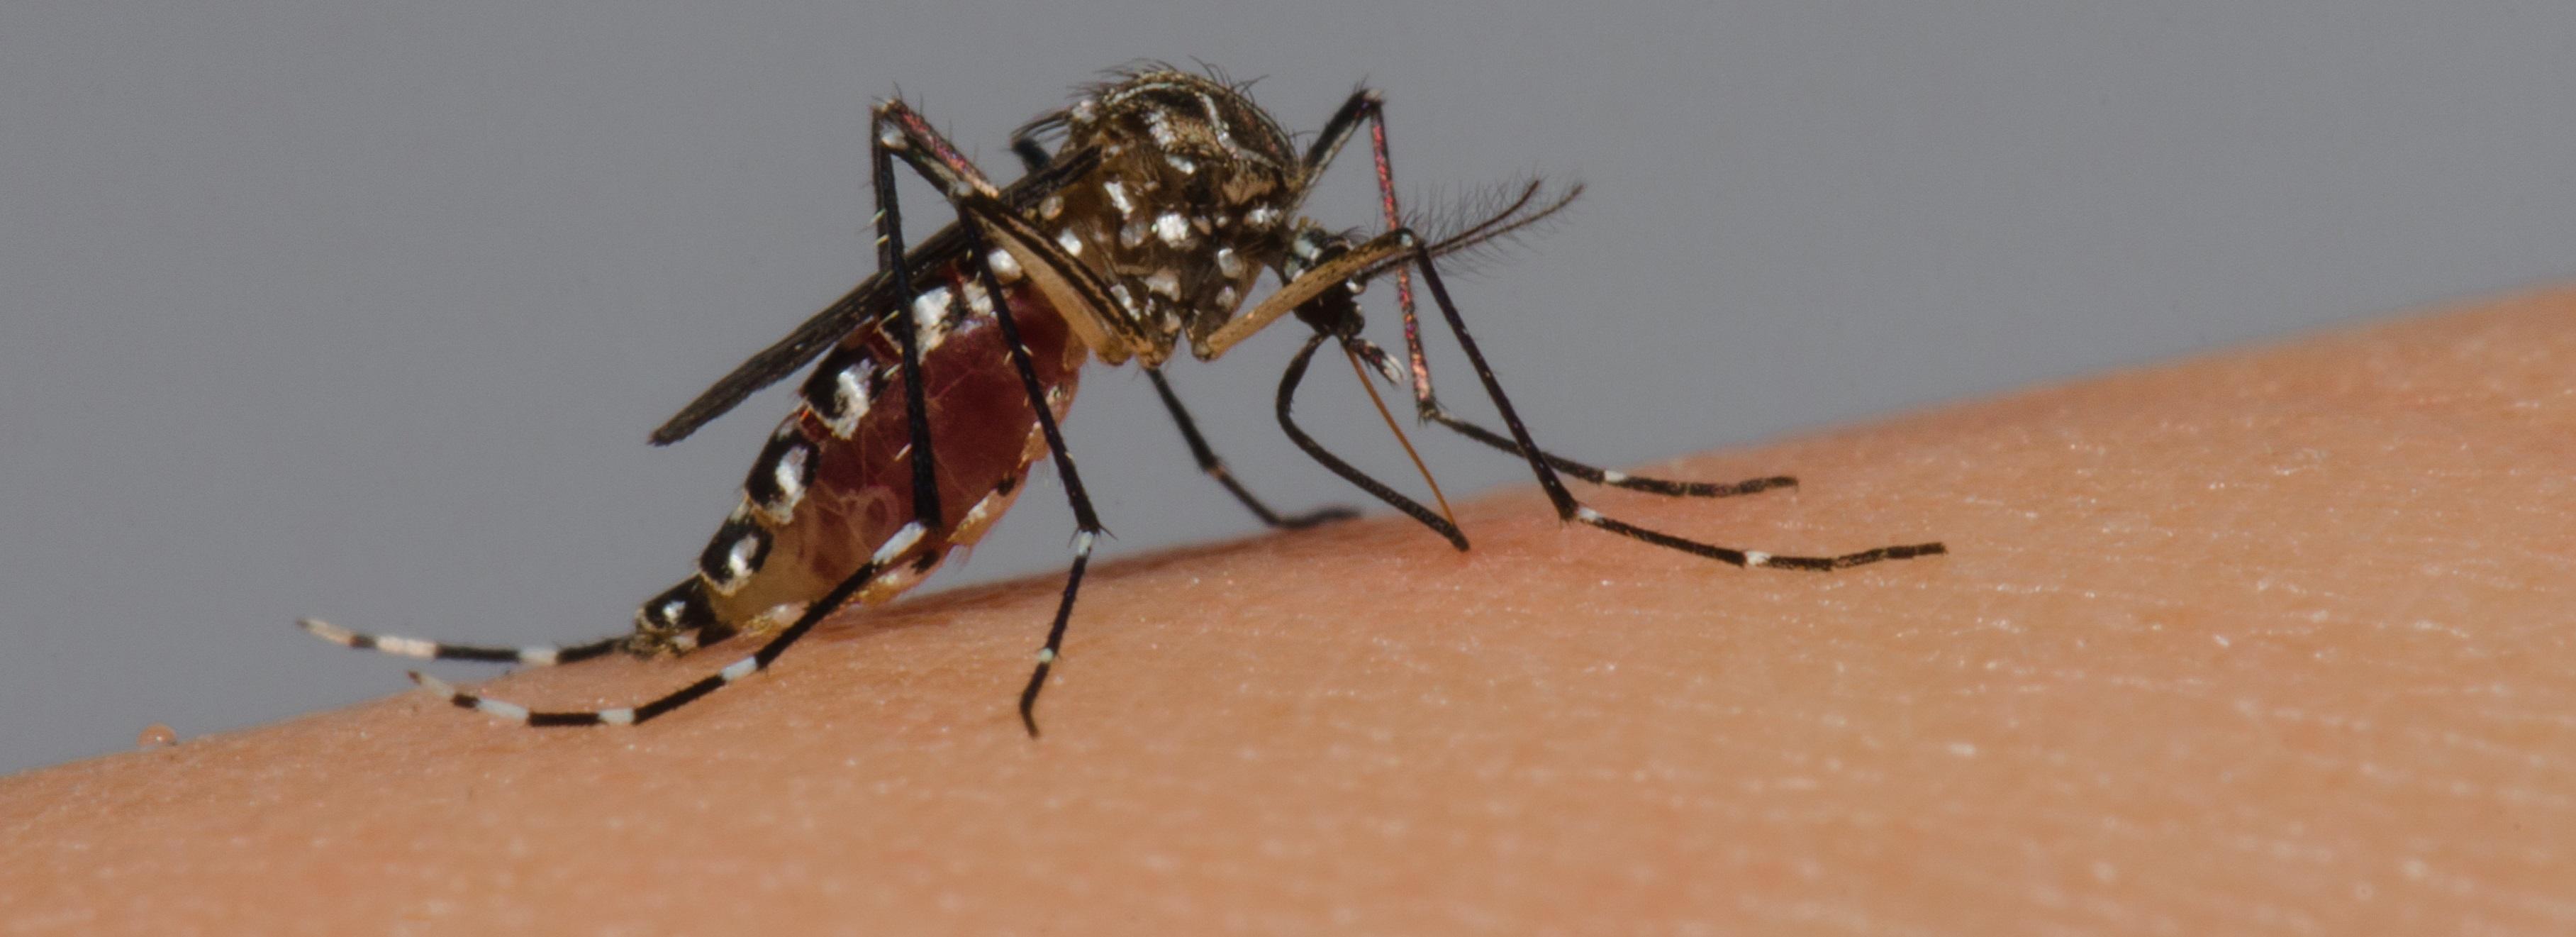 Ecologia das doenças transmitidas por vetores: espacialização, técnicas de captura e identificação